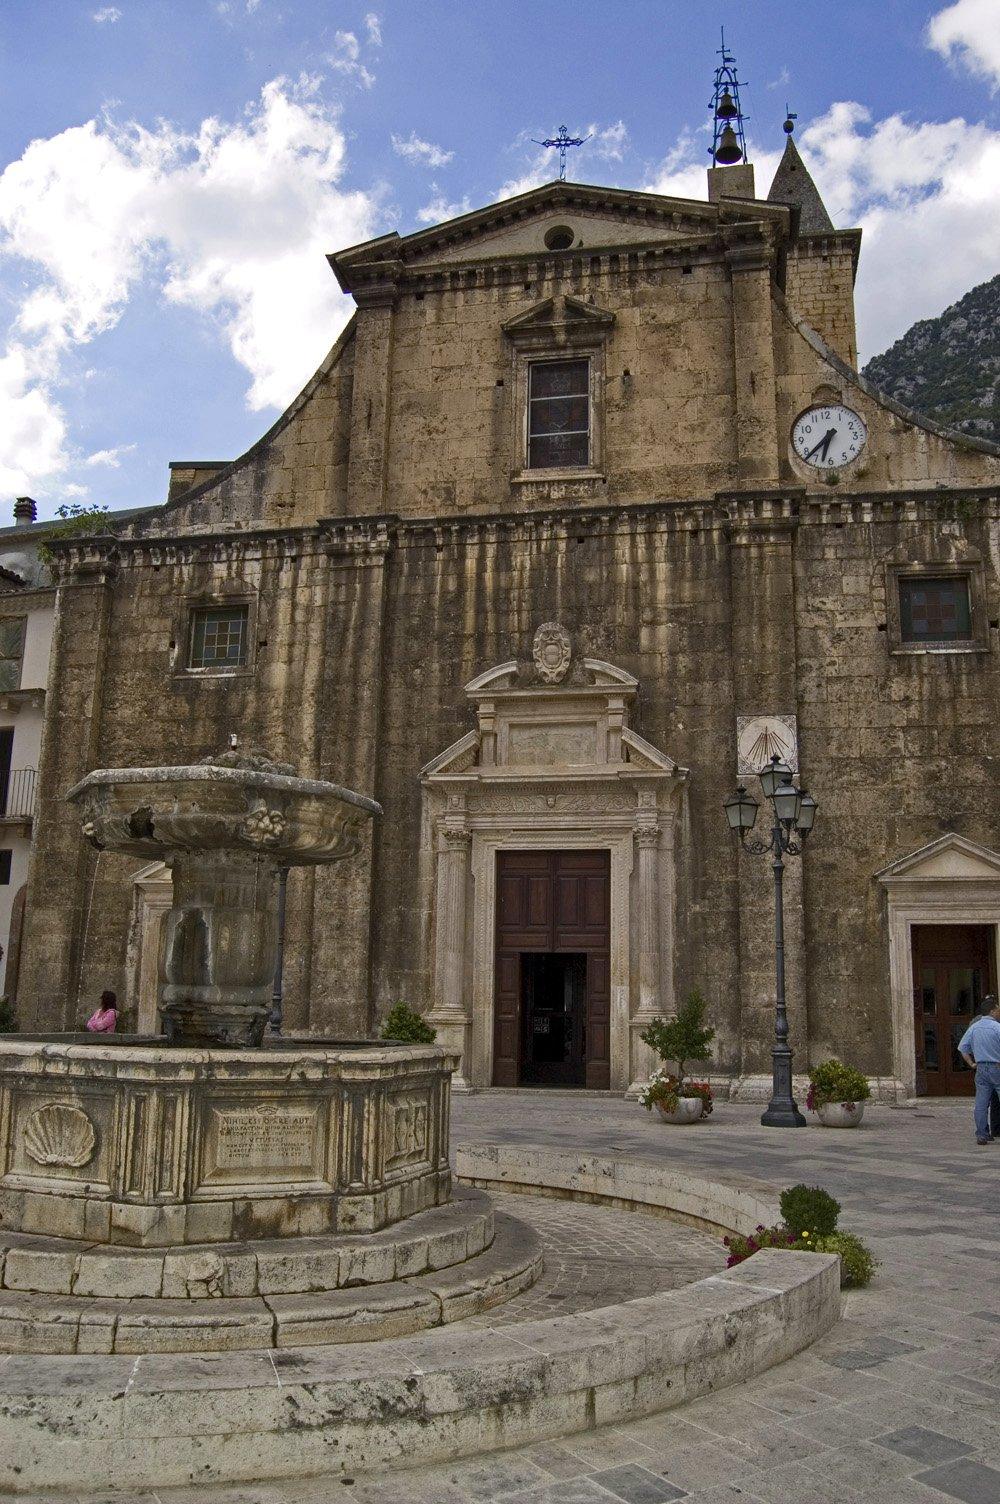 Piazza del Popolo, fontana e la chiesa di Santa Maria Maggiore